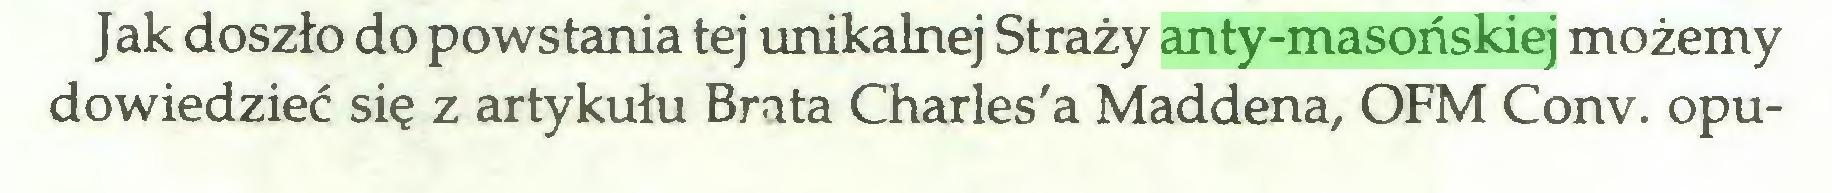 (...) Jak doszło do powstania tej unikalnej Straży anty-masońskiej możemy dowiedzieć się z artykułu Brata Charles'a Maddena, OFM Conv. opu...